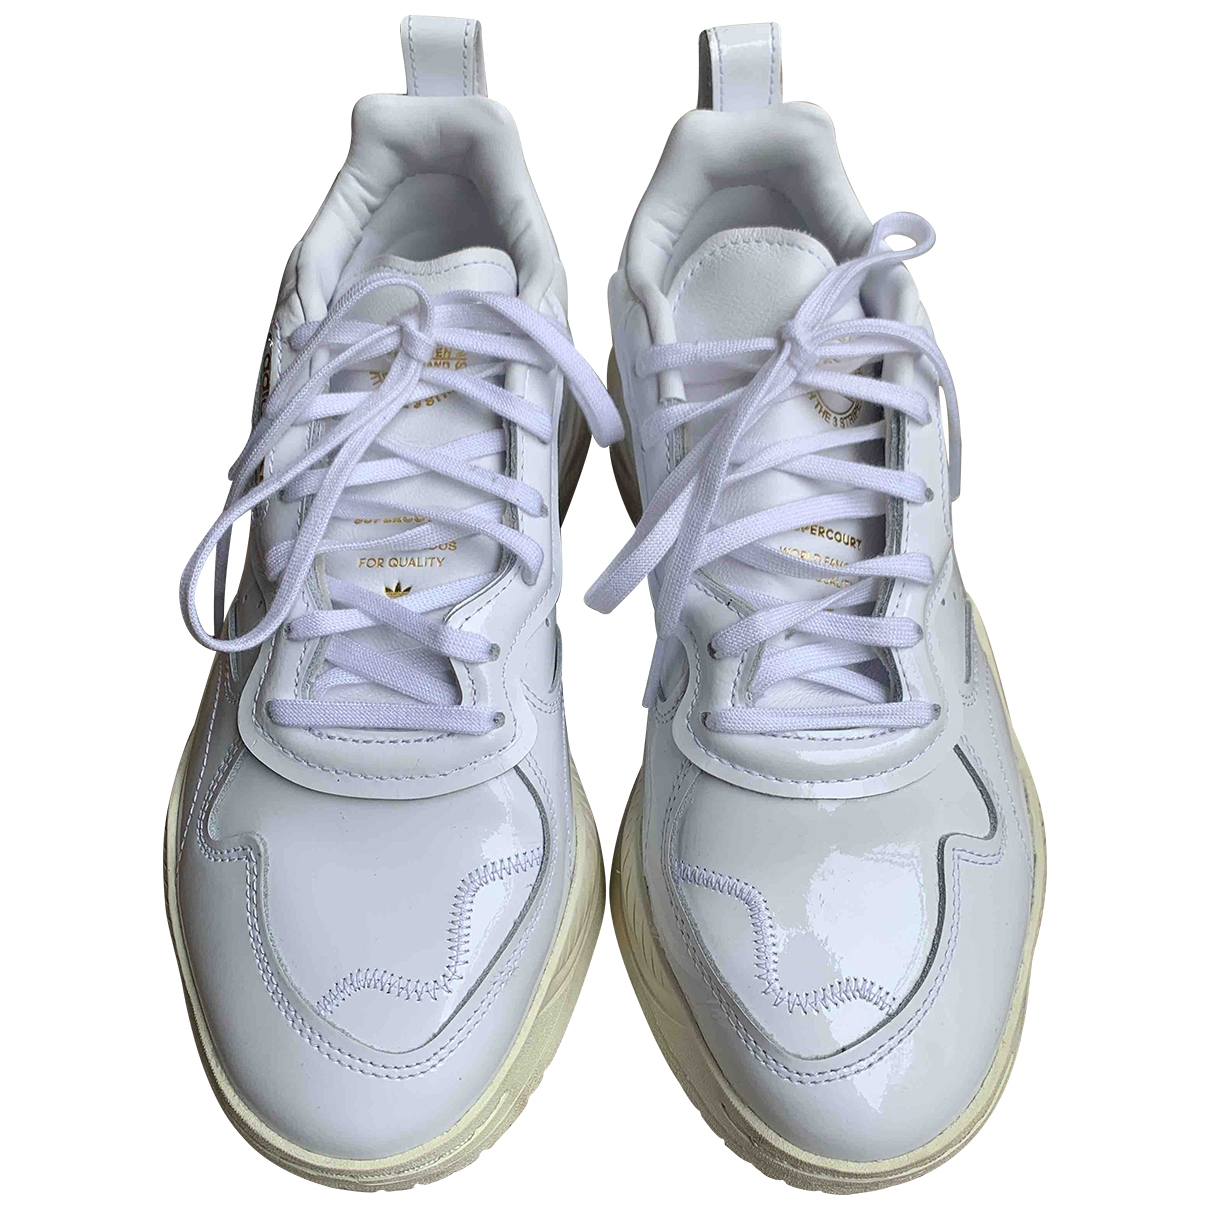 Adidas \N Sneakers in  Weiss Lackleder